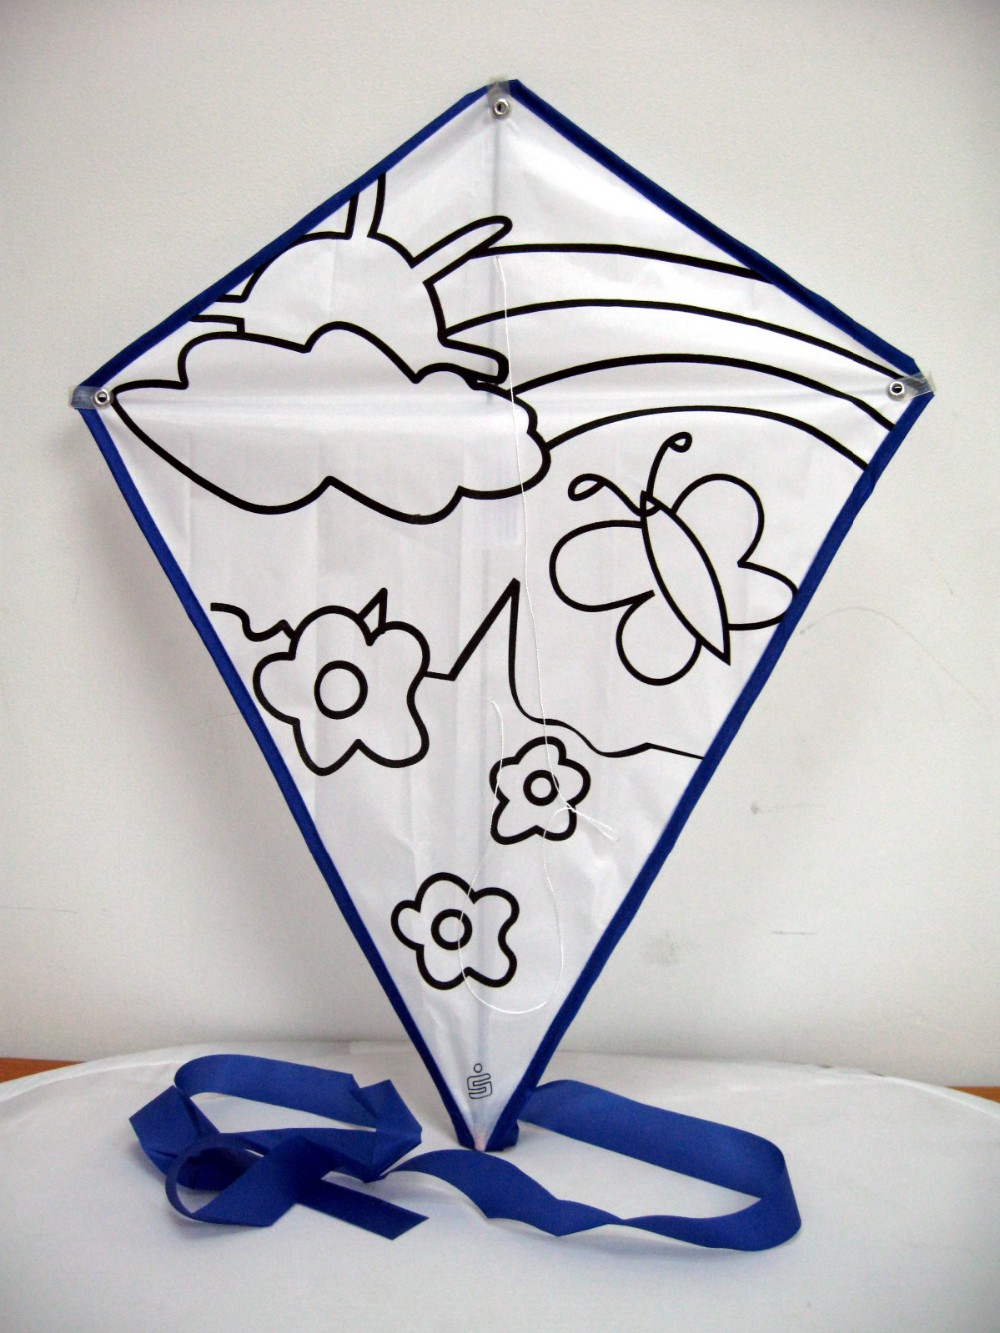 New Type Kids Painting Kite Diamond Diy Kite Buy Diy Kite Product On Alibaba Com